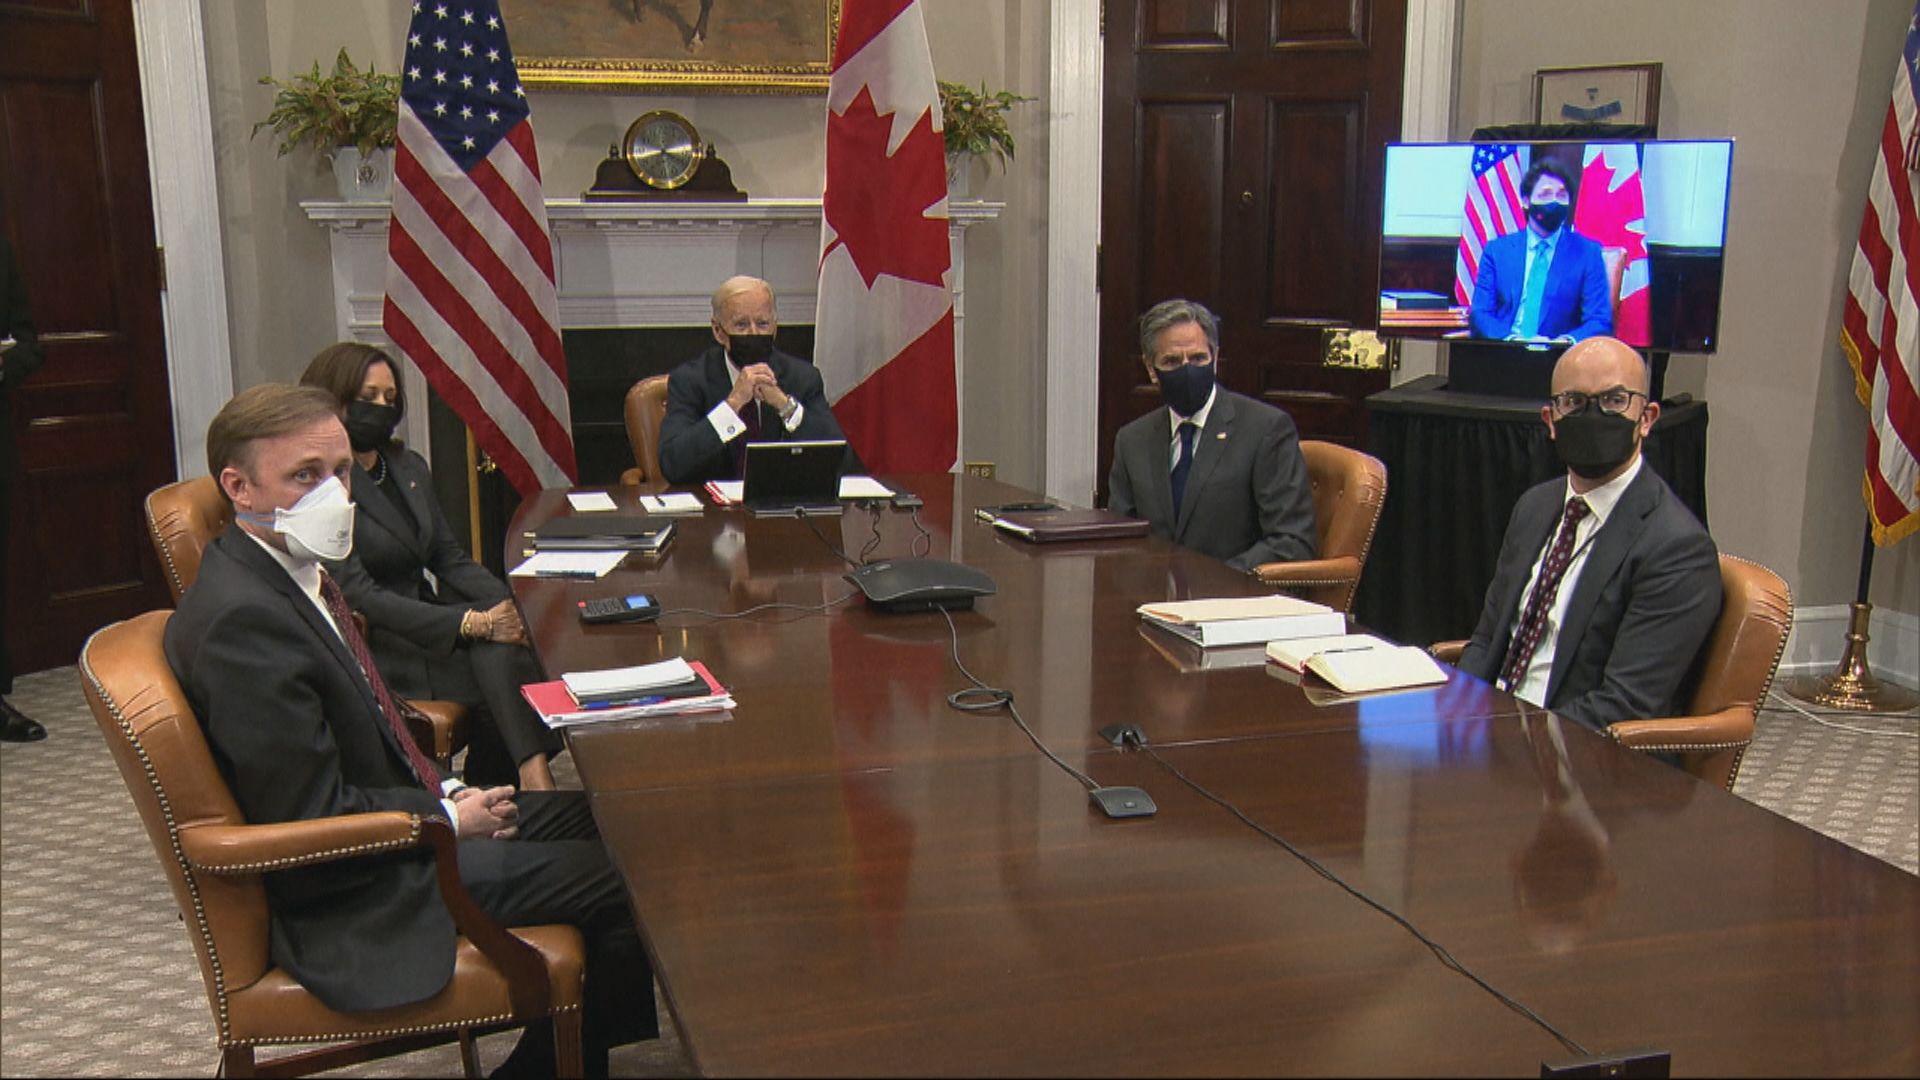 拜登聲援兩名被扣押加拿大人 外交部:中國司法主權不容干涉